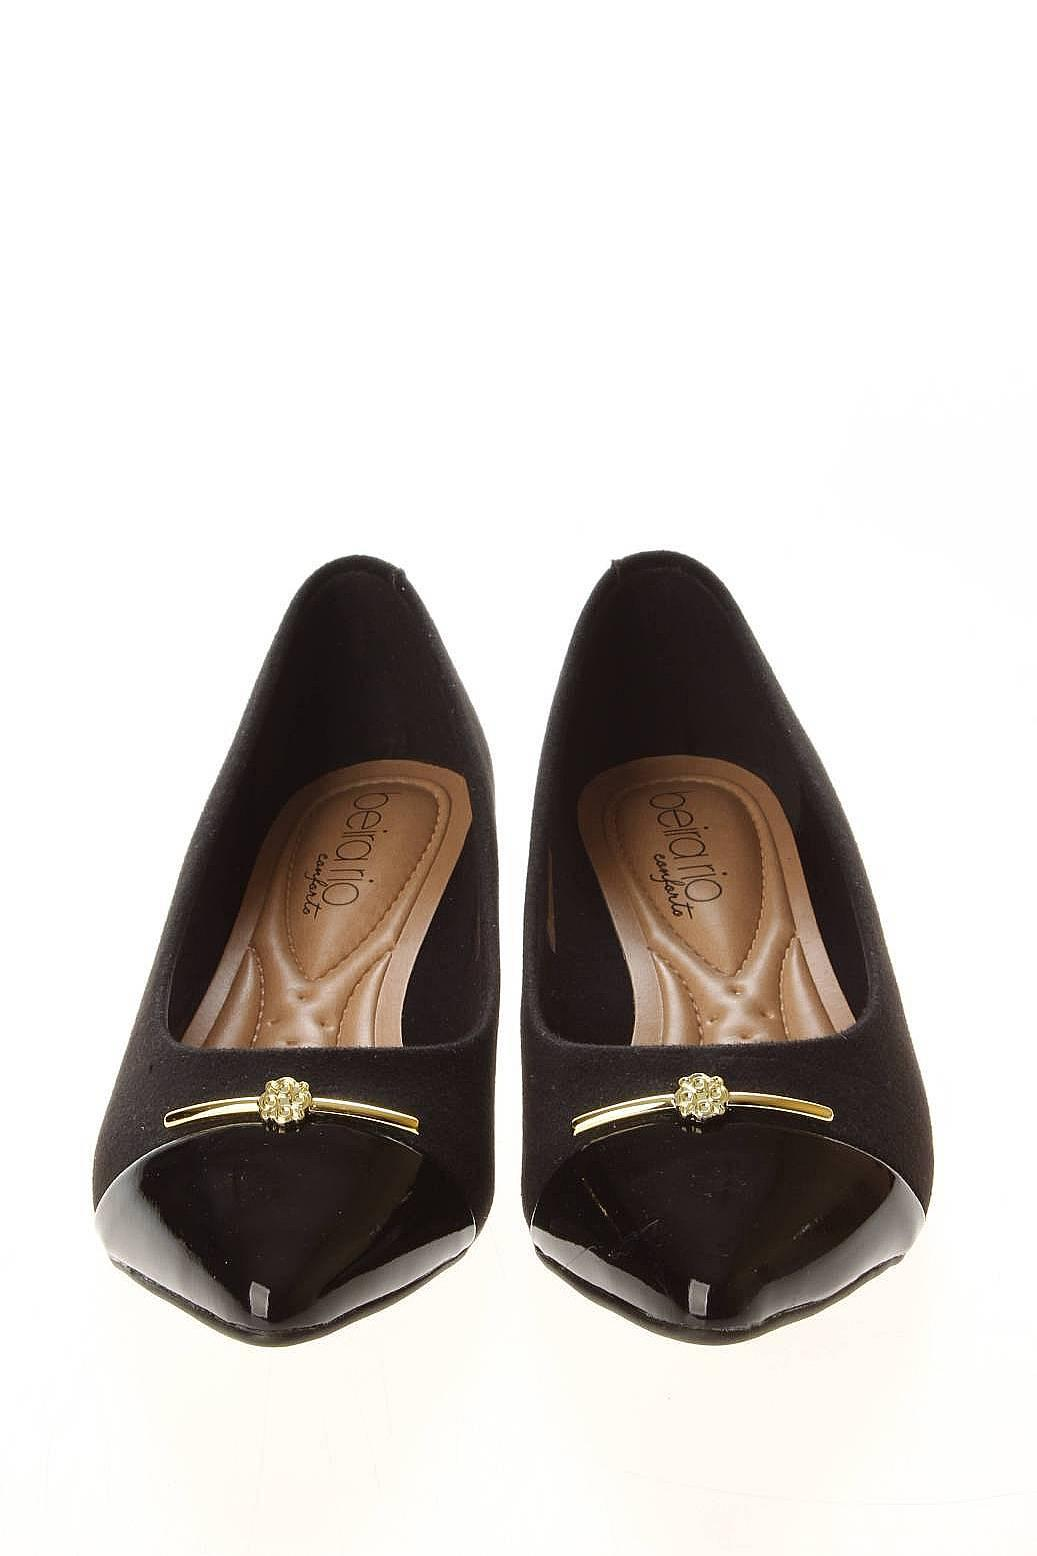 Мужская Обувь Детская Обувь Женская Обувь Балетки: BEIRA RIO Обувь